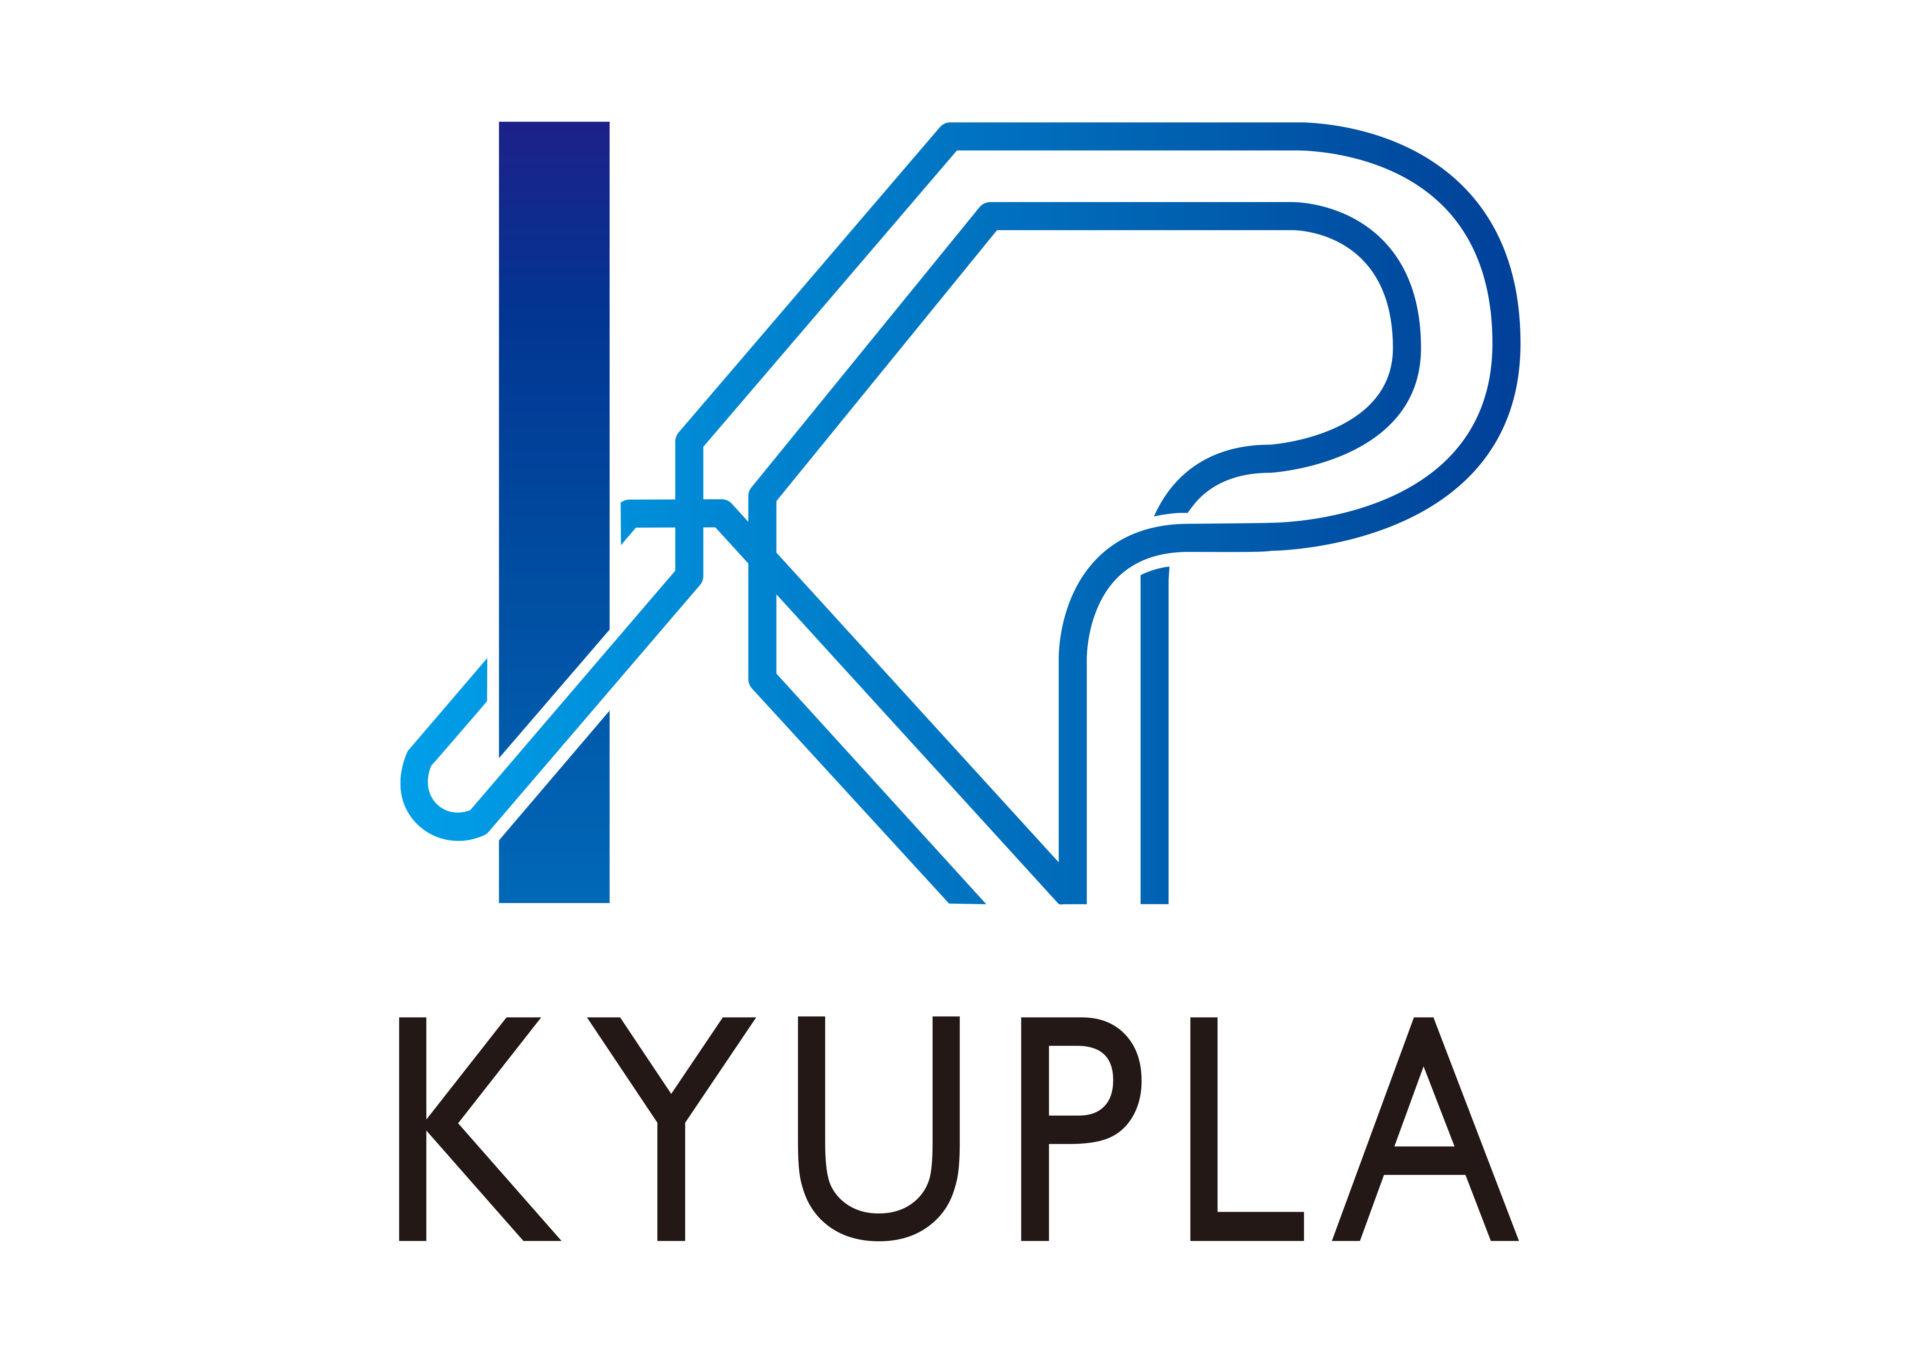 有限会社 キュープラ ロゴ